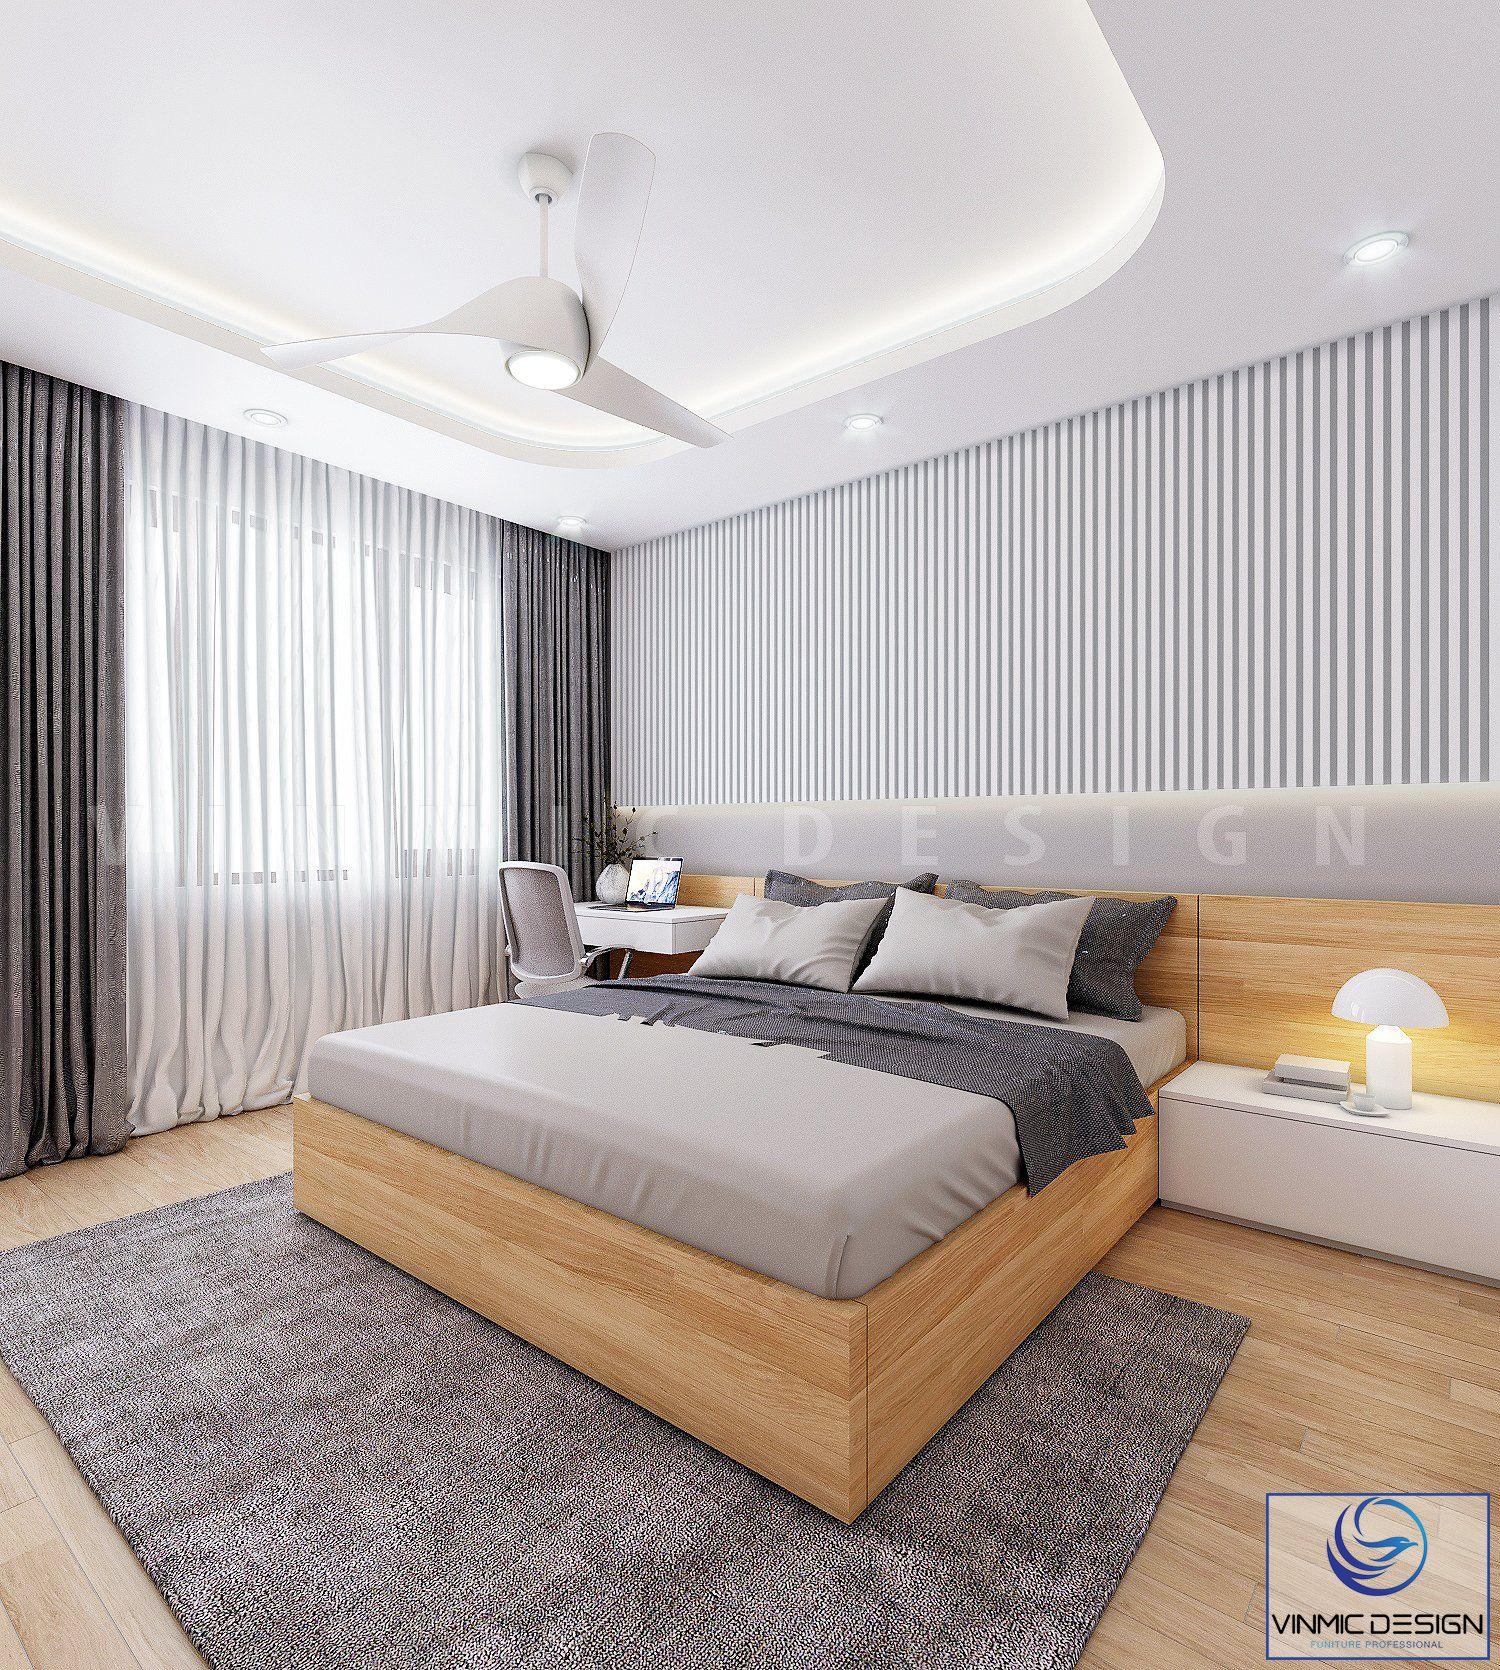 Tông màu sáng làm nổi bật lên không gian phòng ngủ này